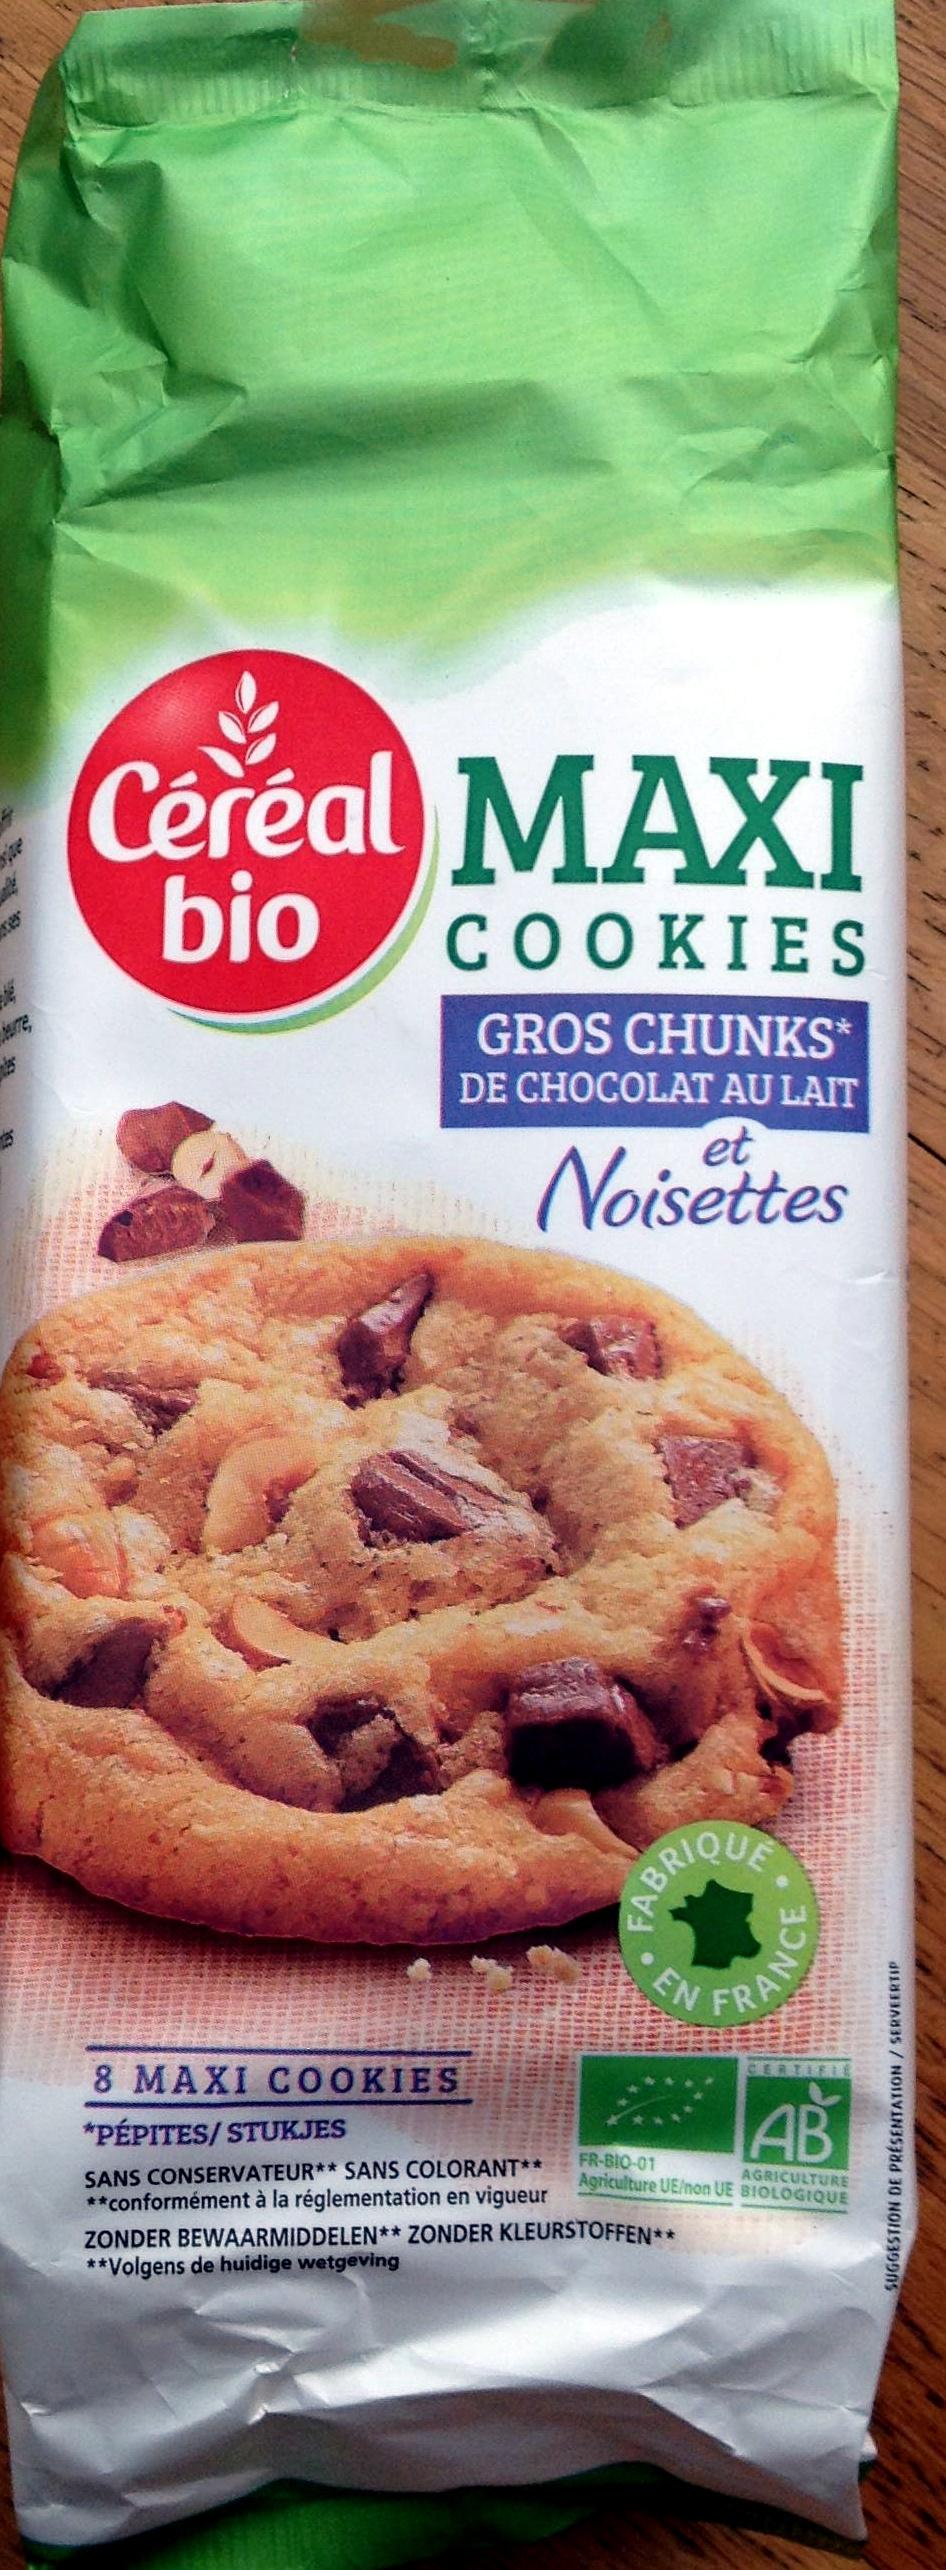 maxi cookies gros chunks de chocolat au lait et noisettes - Product - fr